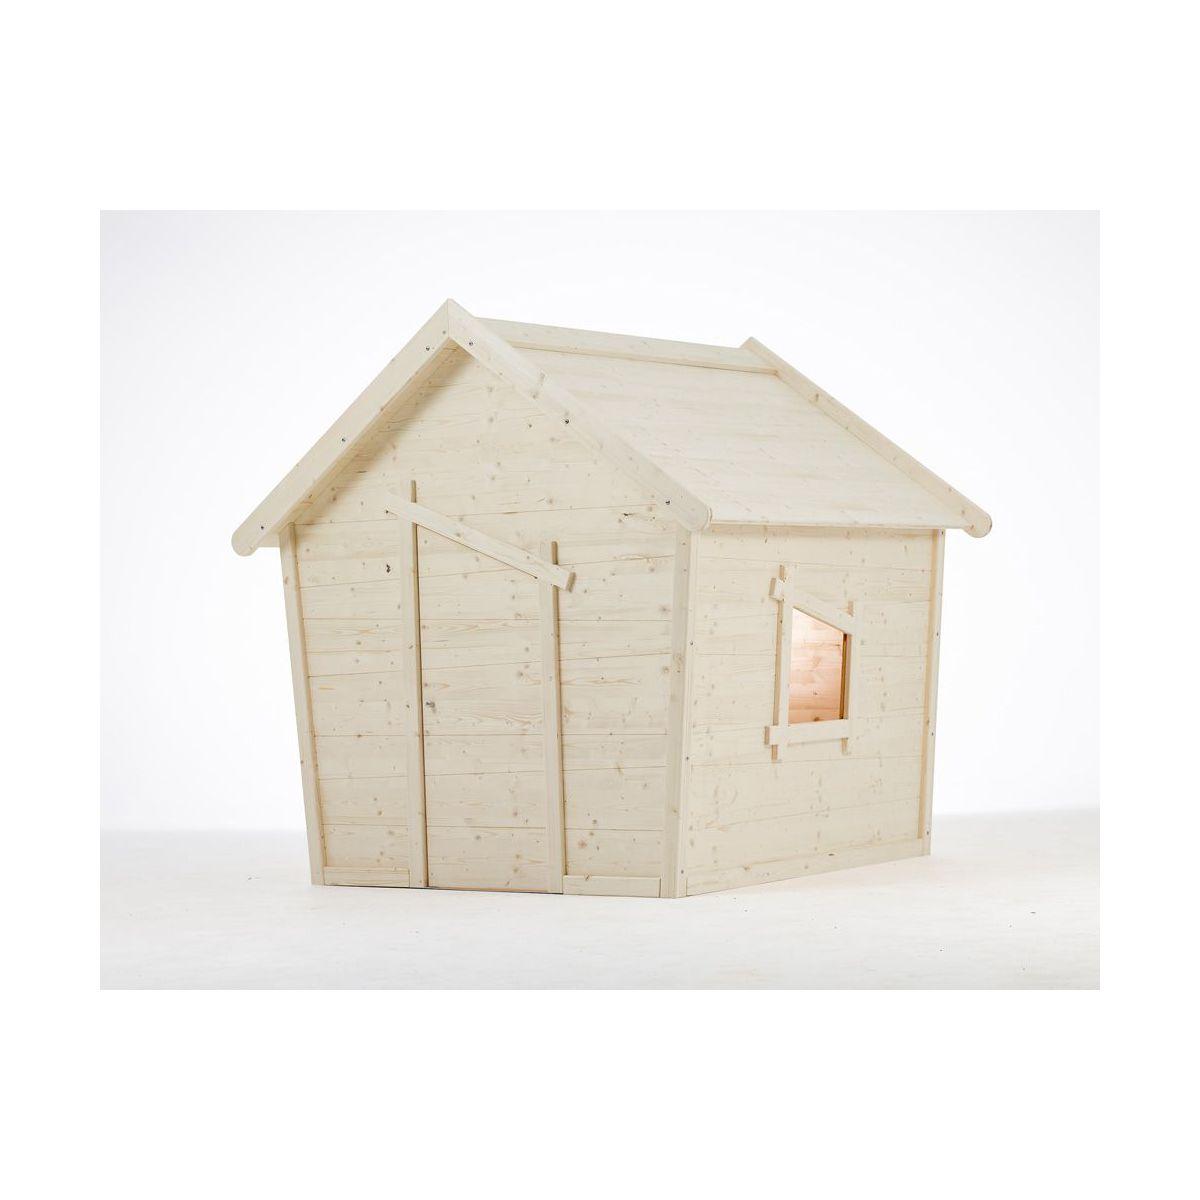 Cabane en bois aldebaran xl en bois brut for Prix cabane en bois